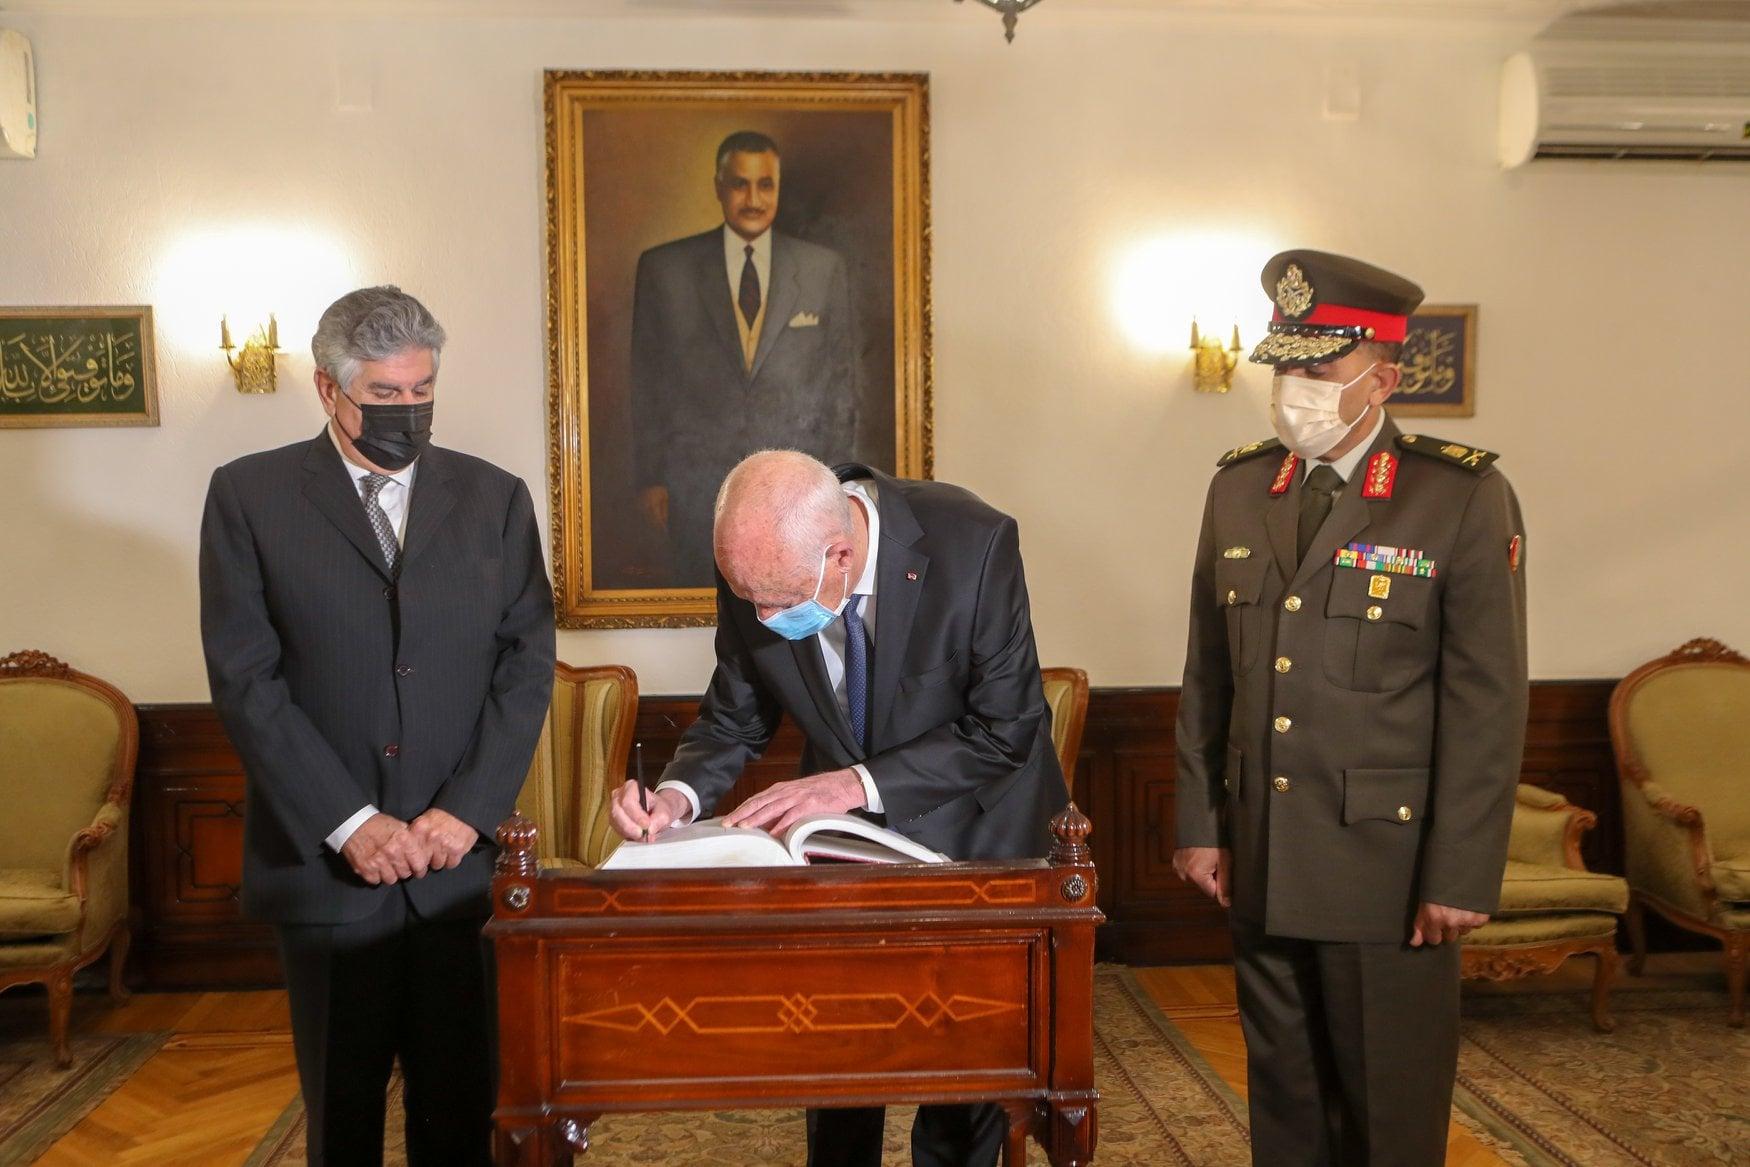 الرئيس التونسى يزور قبر الرحل جمال عبد الناصر